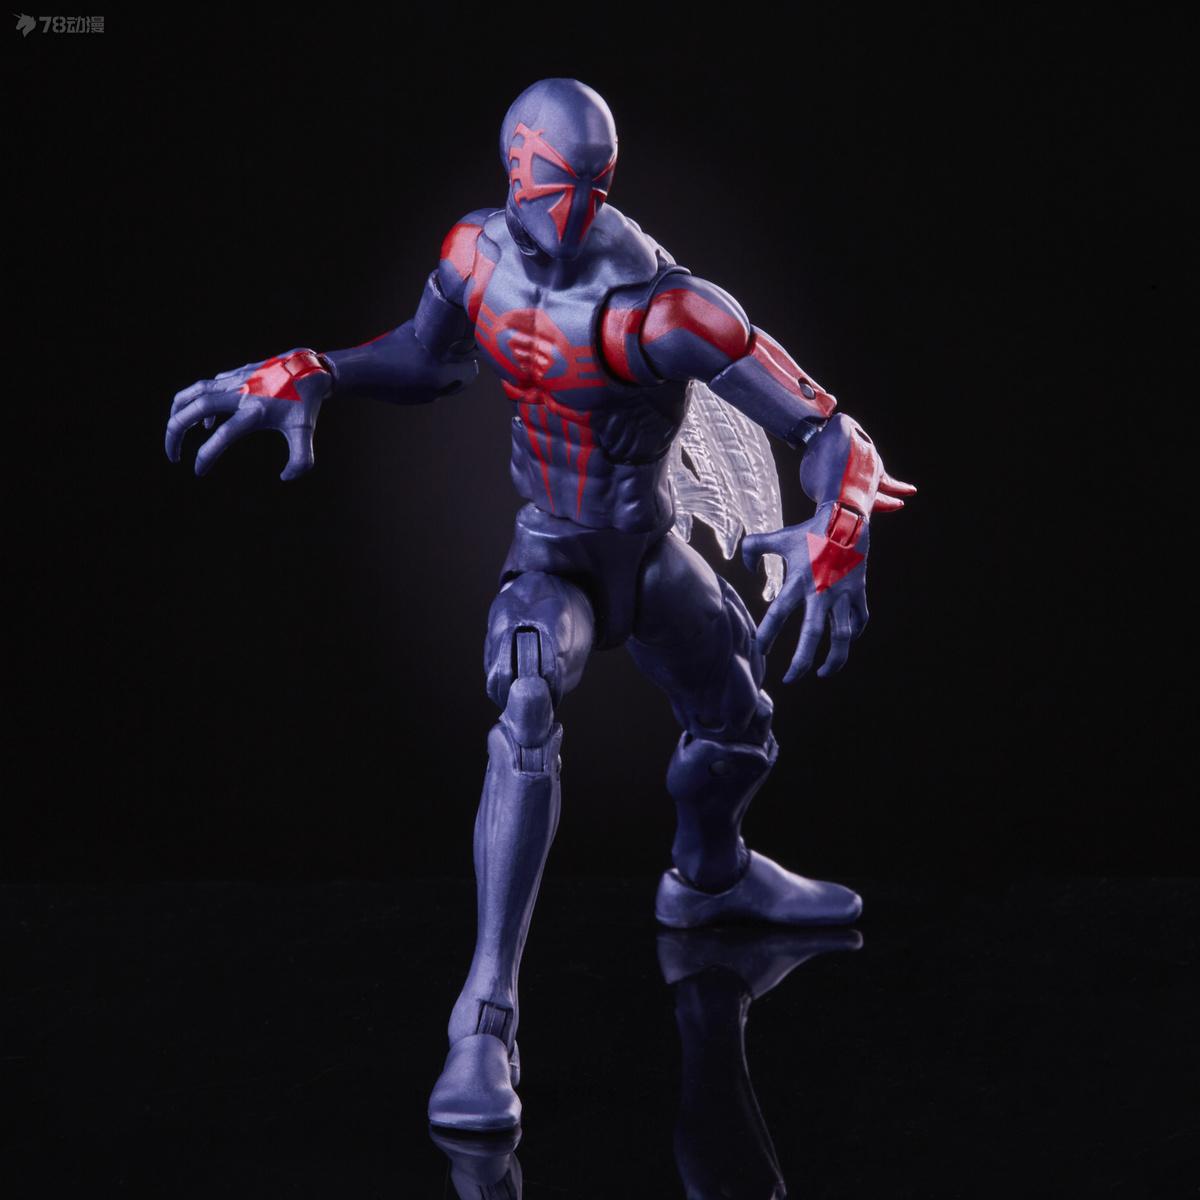 孩之寶 新品 Marvel Legends蜘蛛俠動畫 復古包裝系列 蜘蛛俠2099 可動人偶